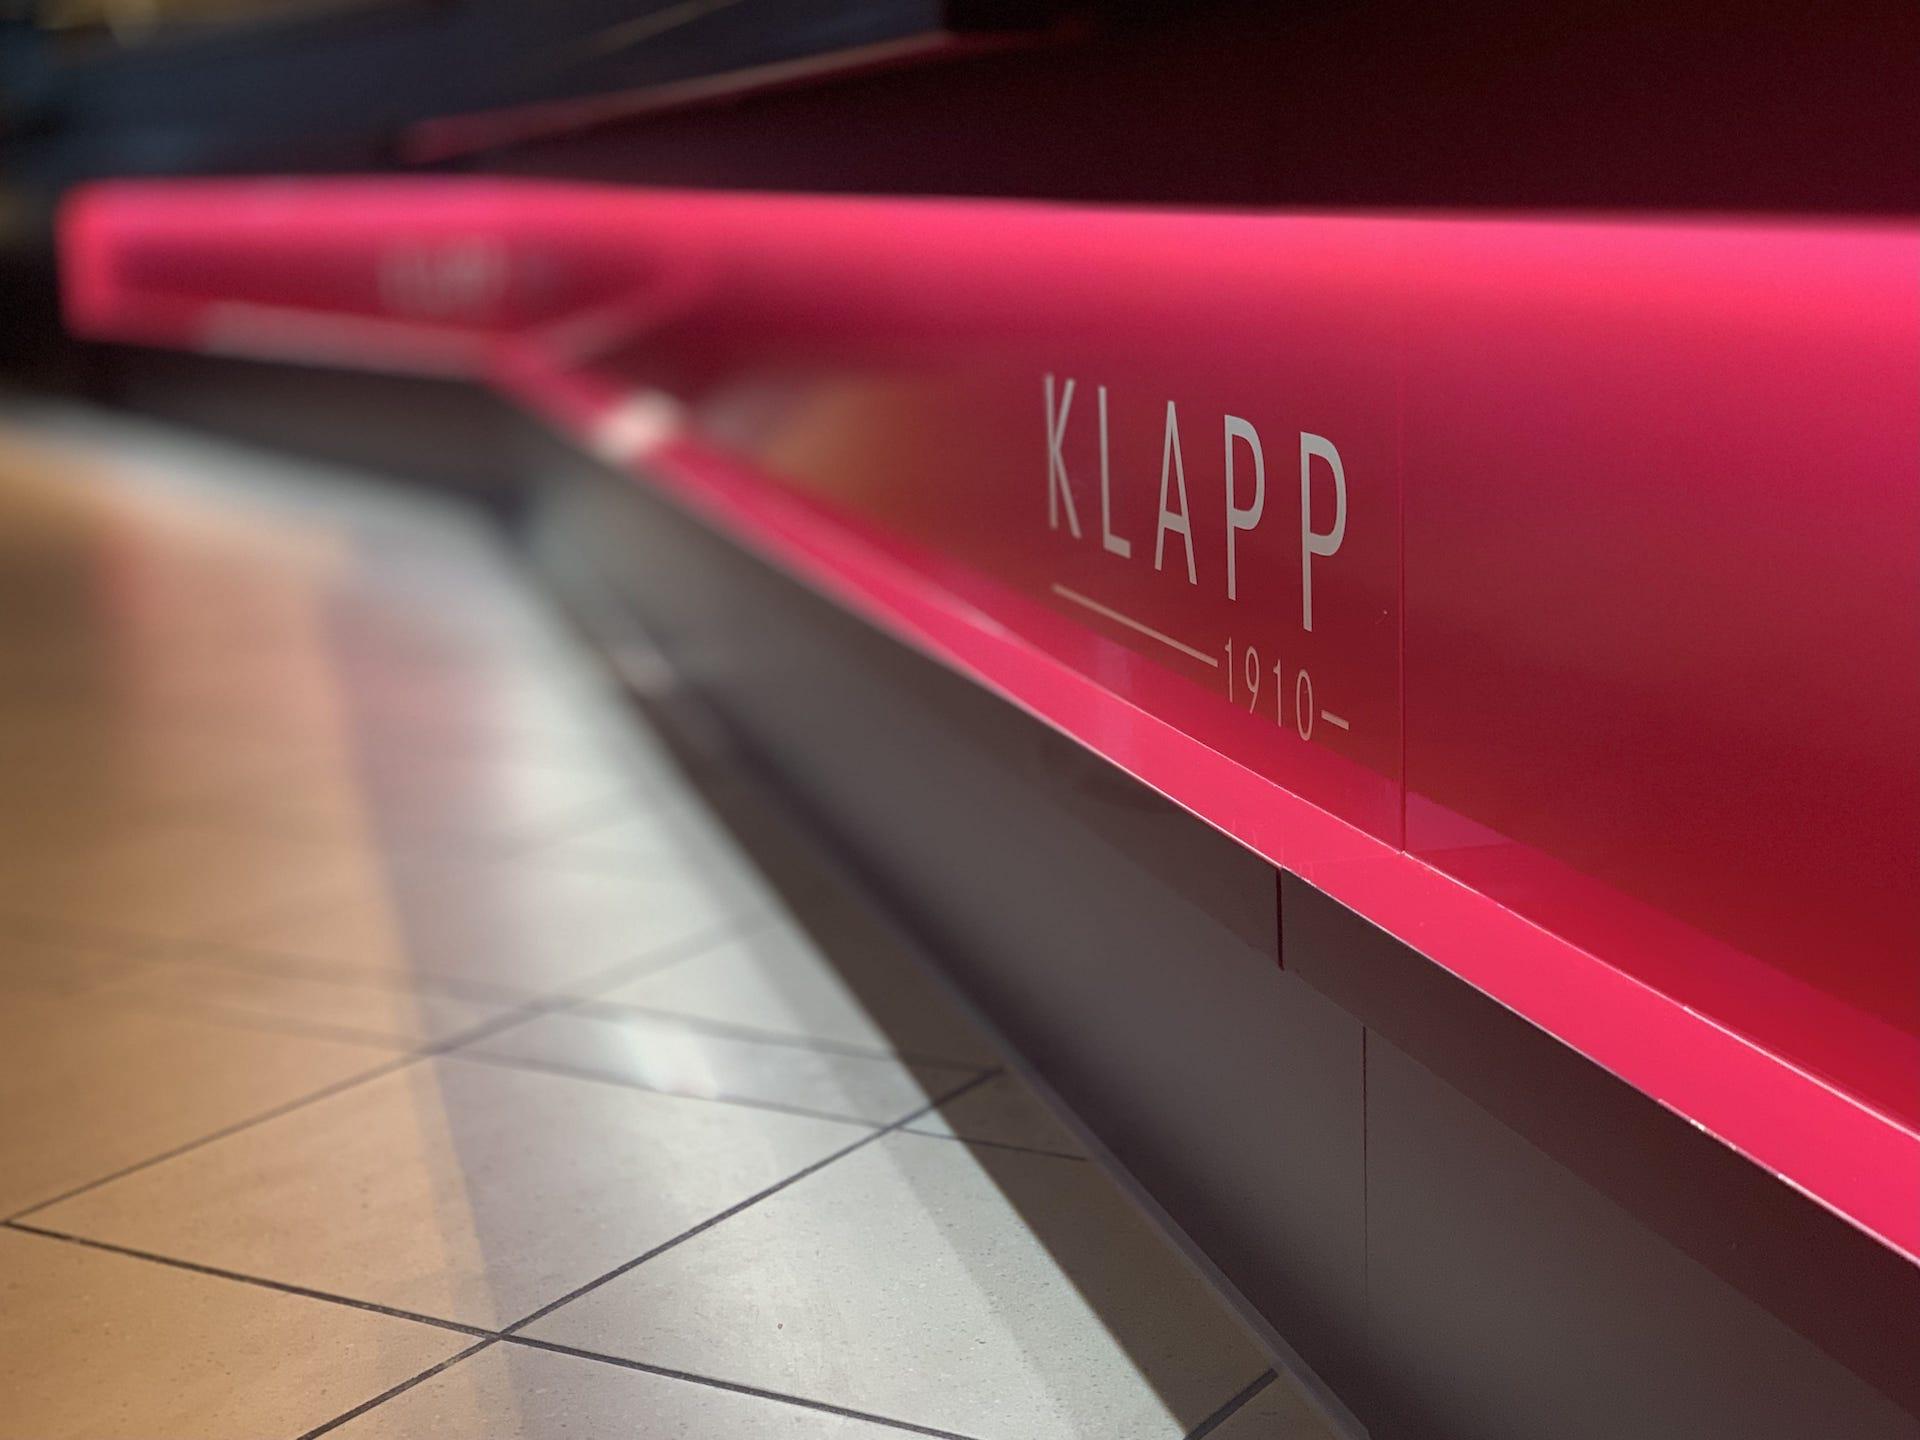 Klapp1910 Umbau 00036 - KLAPP1910 Stammhaus im neuen Design wiedereröffnet